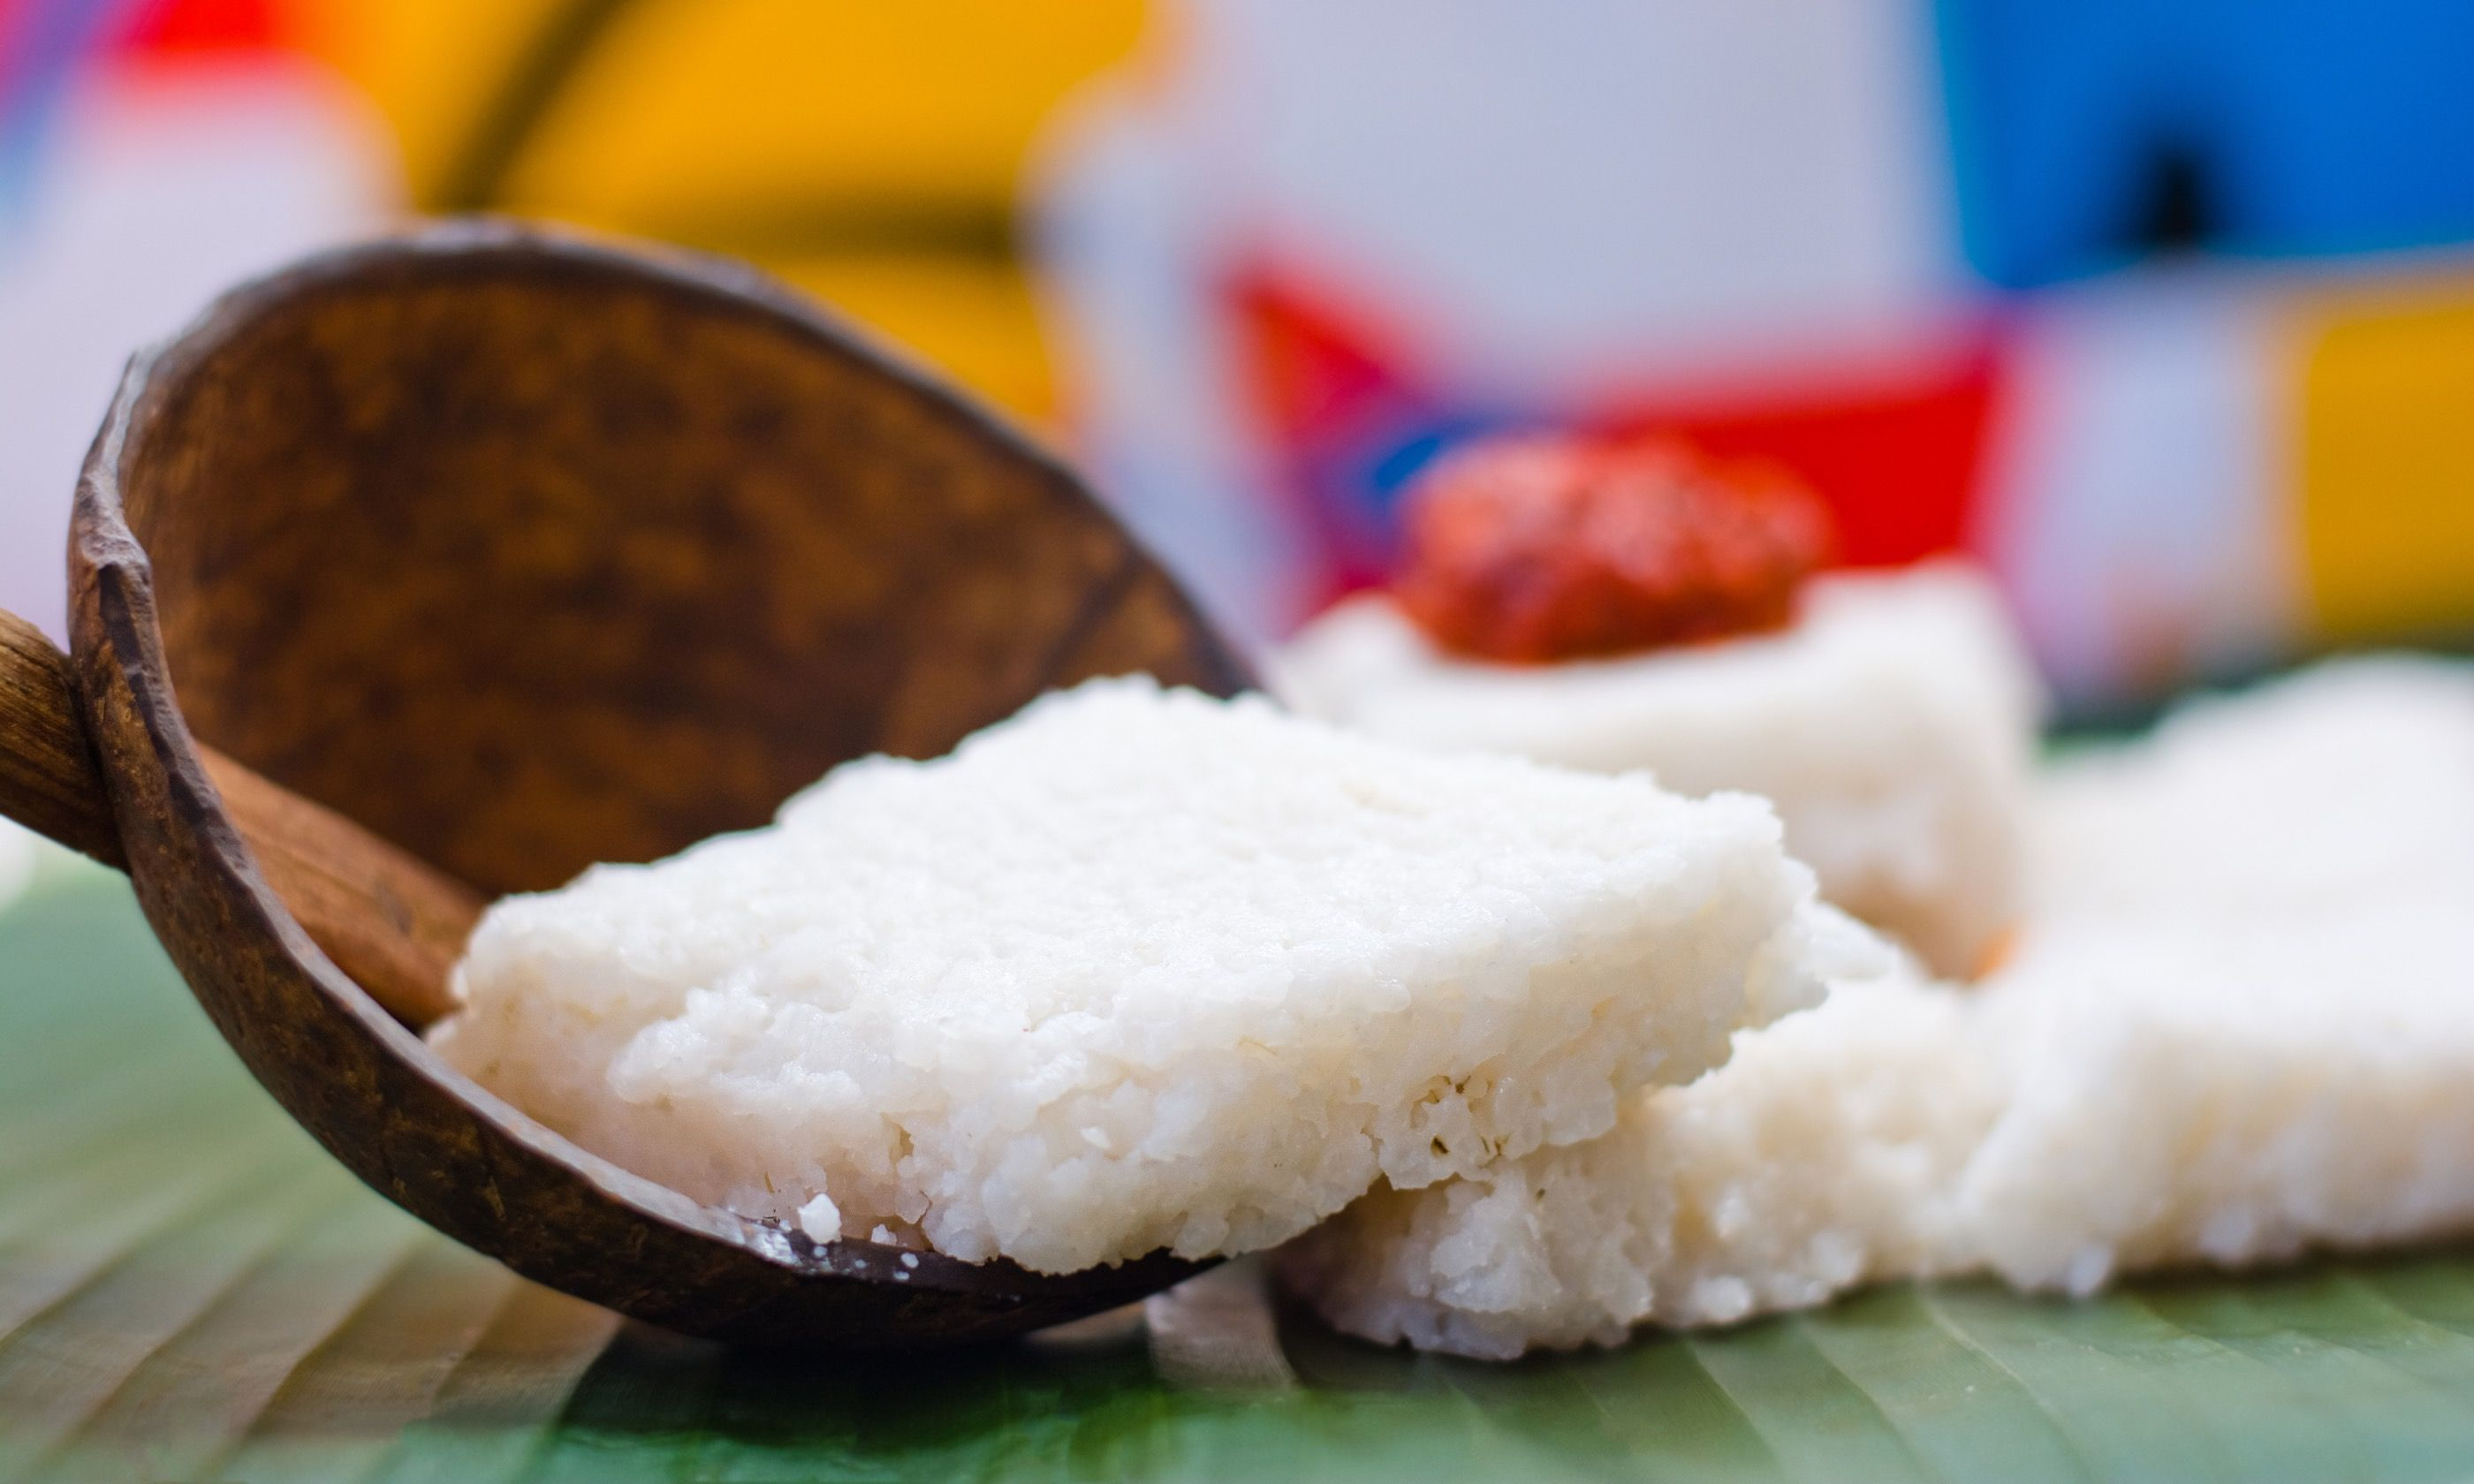 Milk rice for sale in Sri Lanka(Dreamstime)